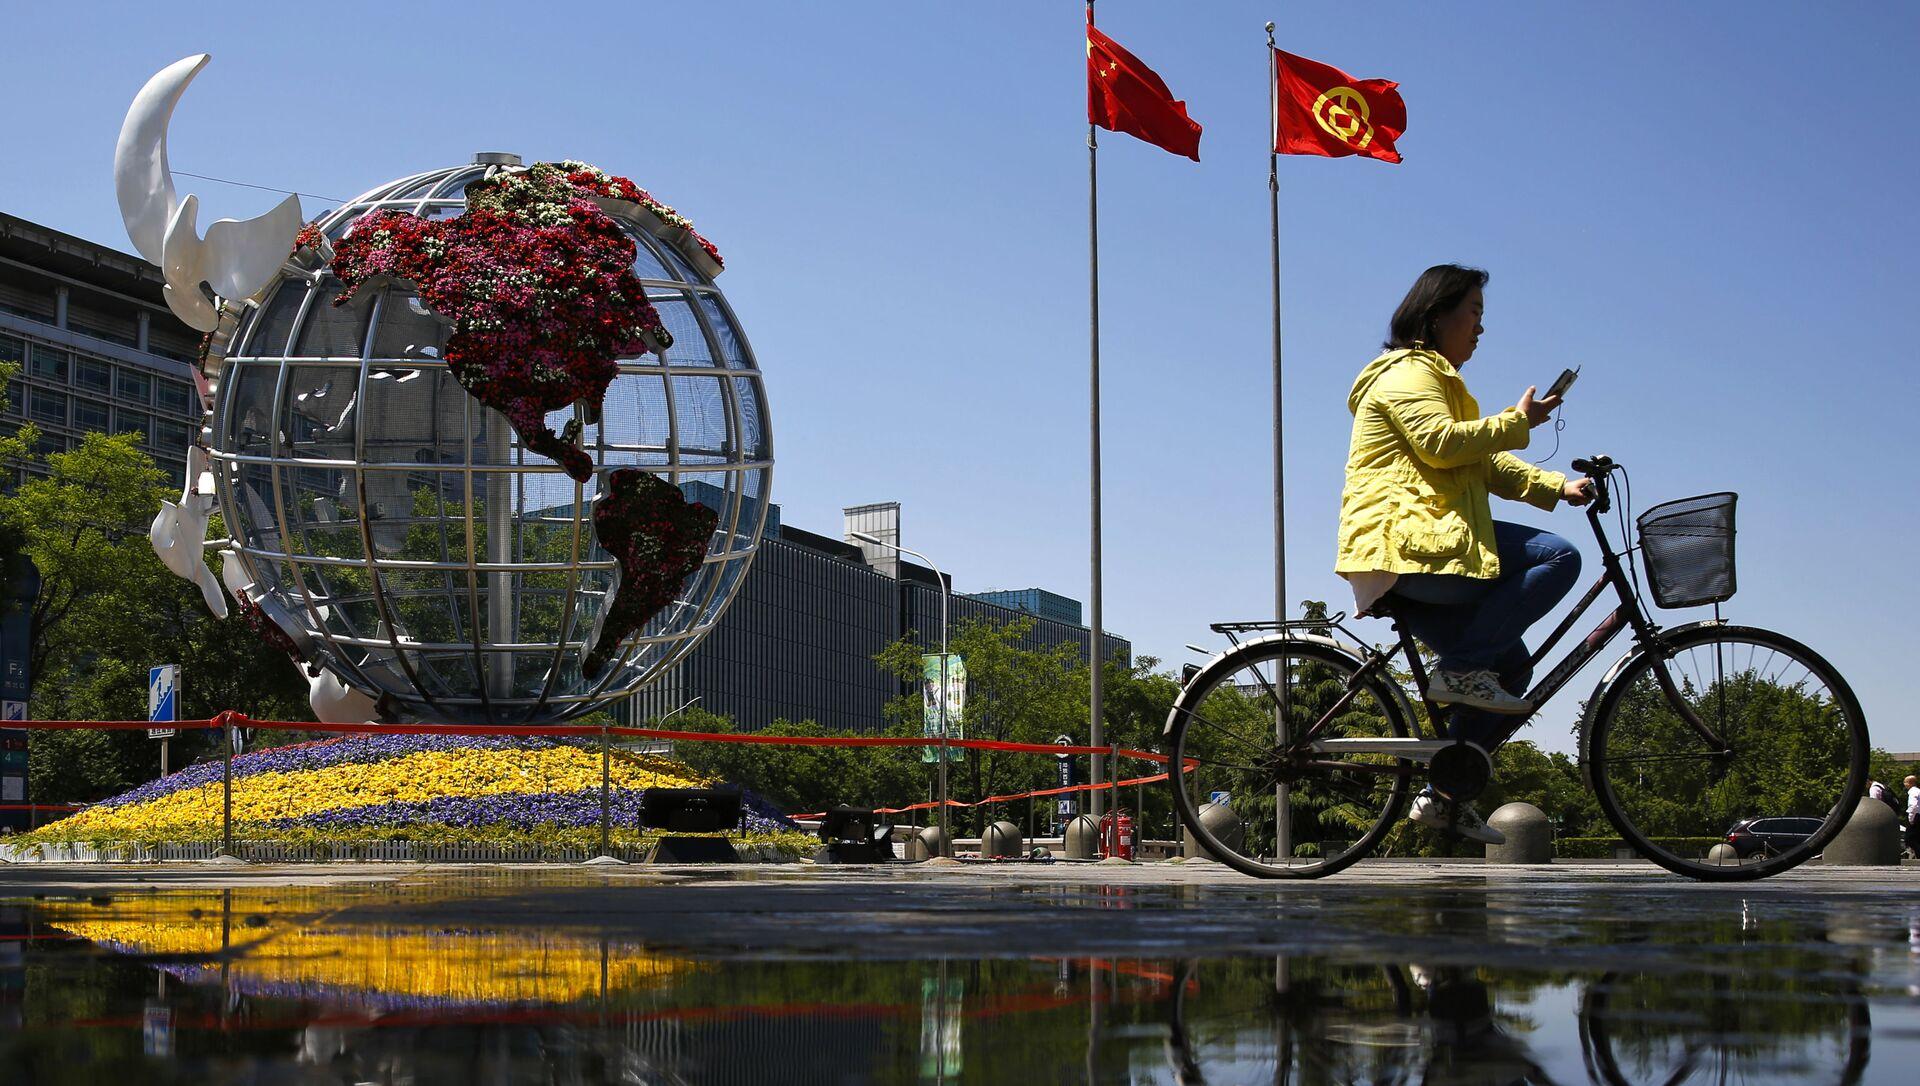 Žena jede na kole před budovou banky v Pekingu - Sputnik Česká republika, 1920, 10.04.2021